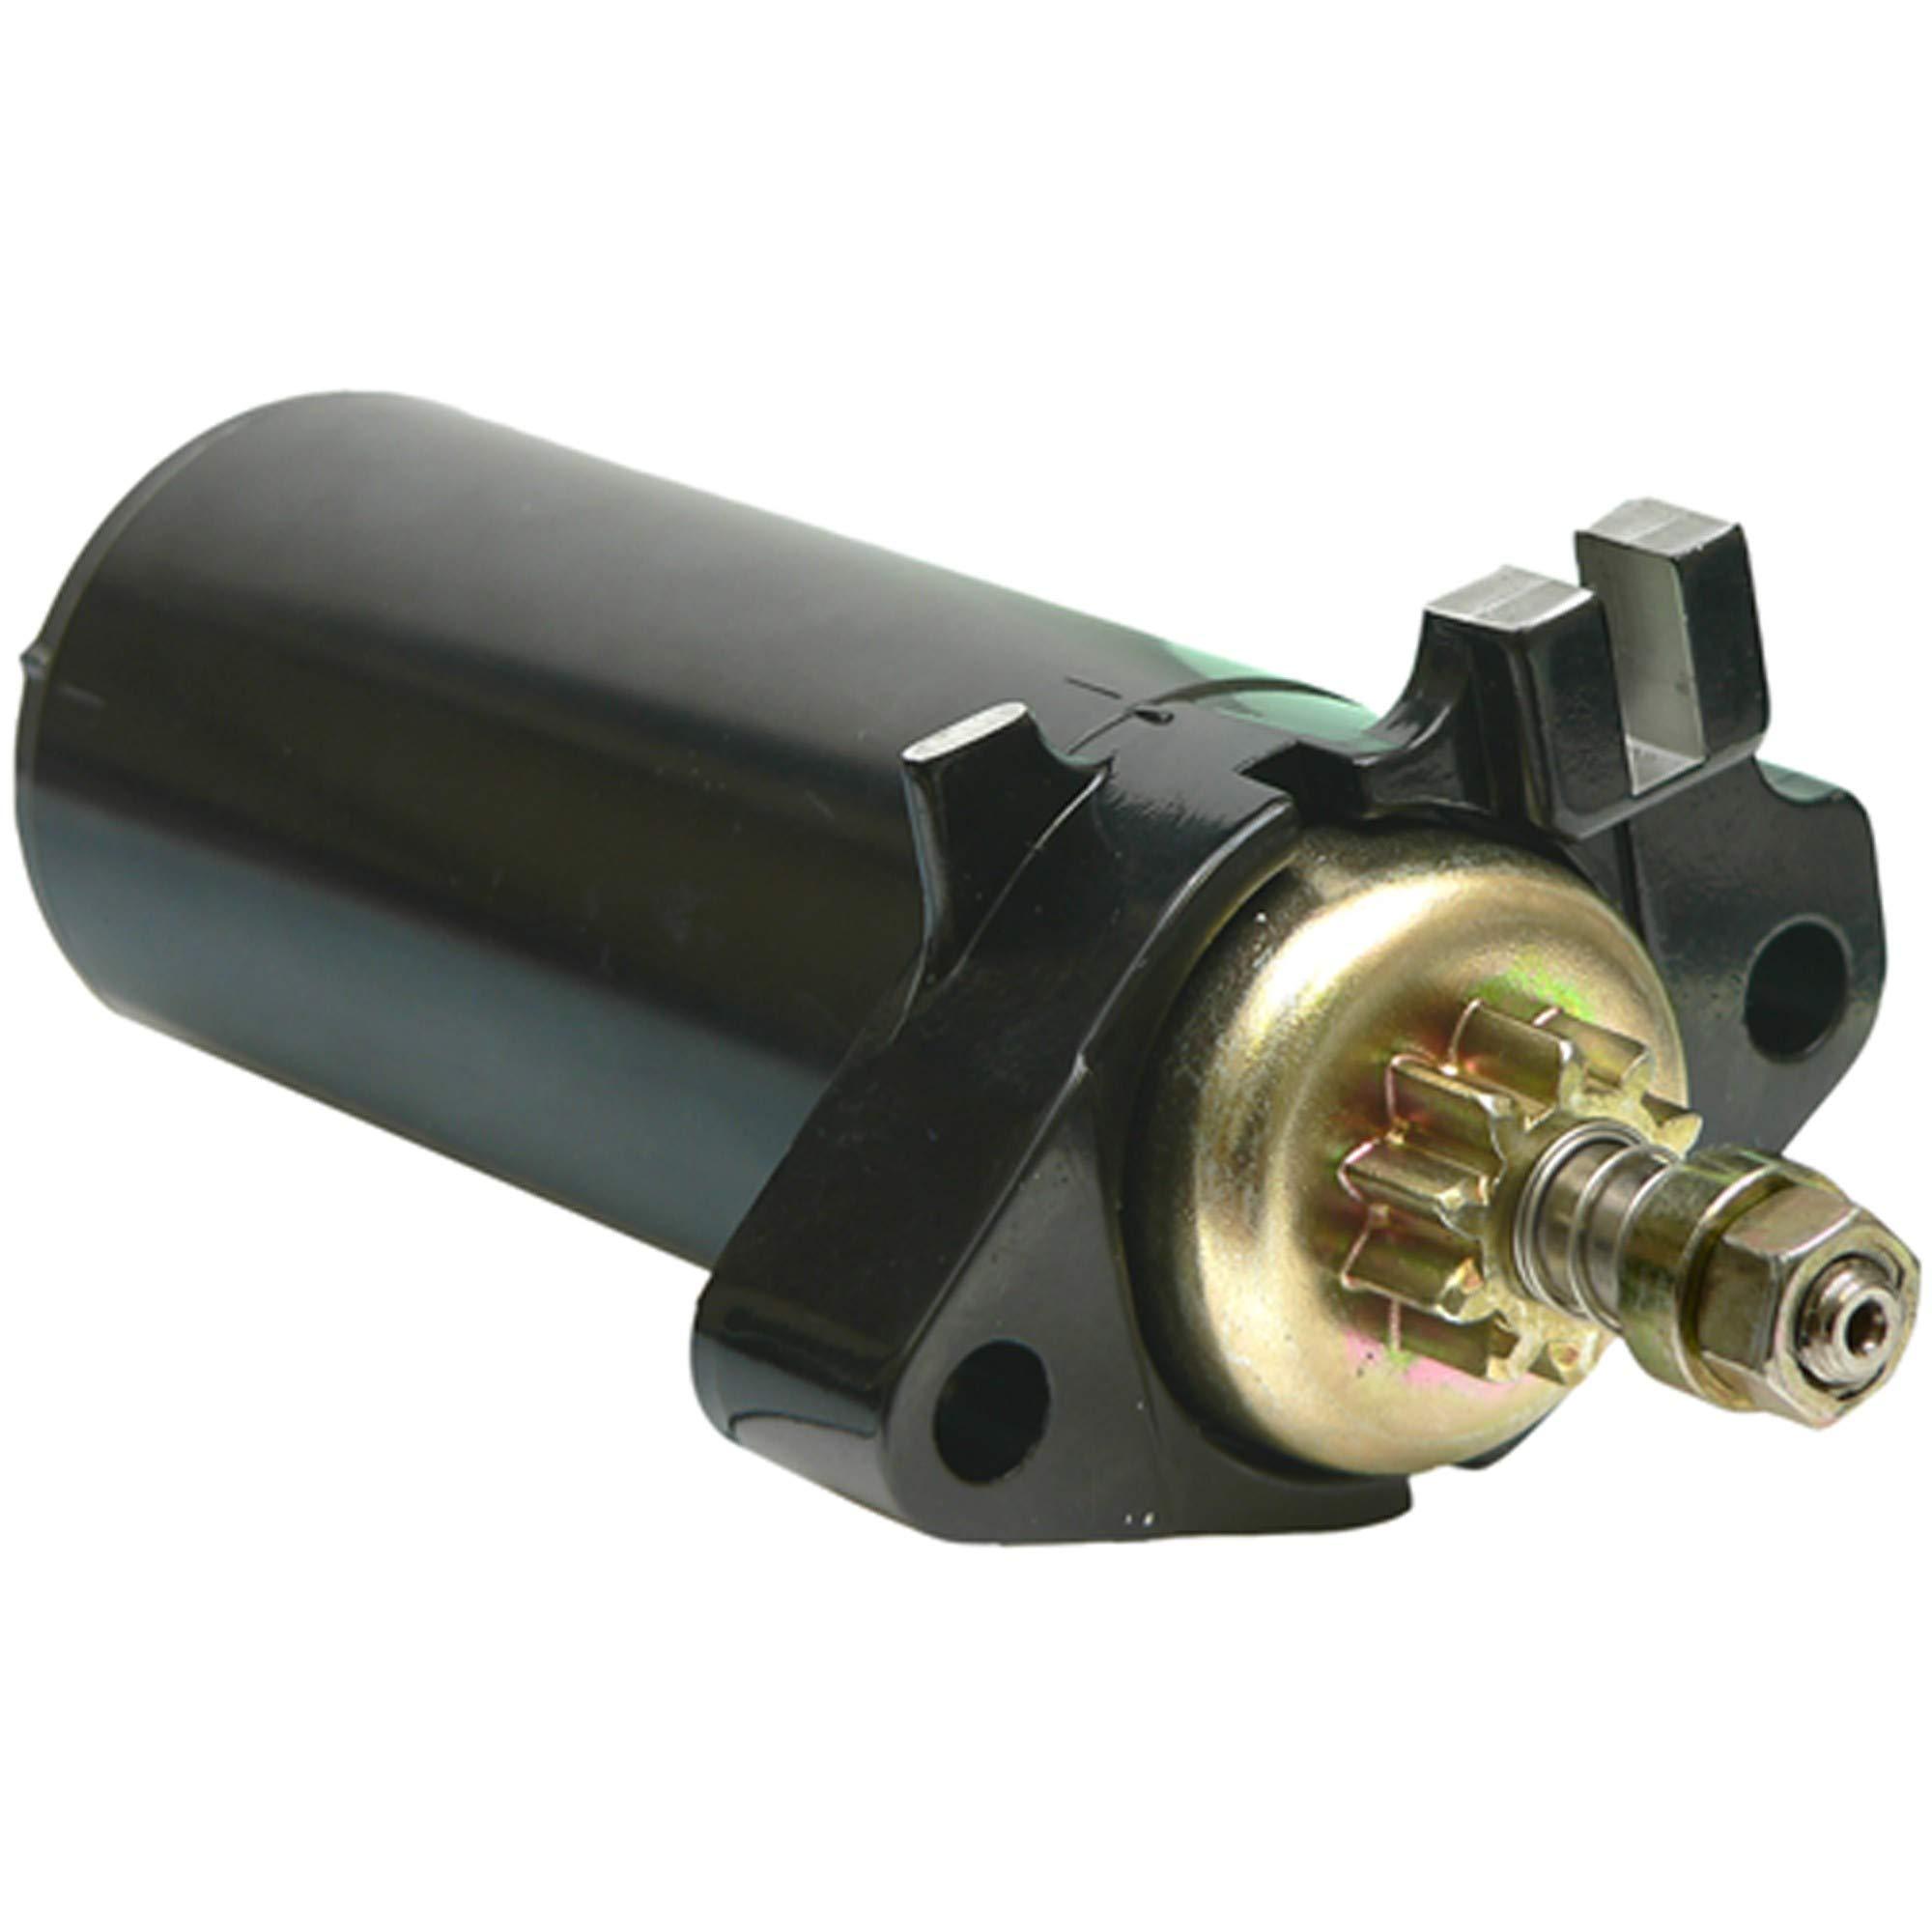 Db Electrical Sab0110 Marine Starter For Omc Evinrude Johnson 9.9 10 15 Hp 386430 586276 1980-1997, 9.9 10 Hp 9.9Hp 10Hp E10E E10El E10F 1980-1997,9.9 10 15 Hp 9.9Hp 10Hp 15Hp 10E 10El 1980-1993